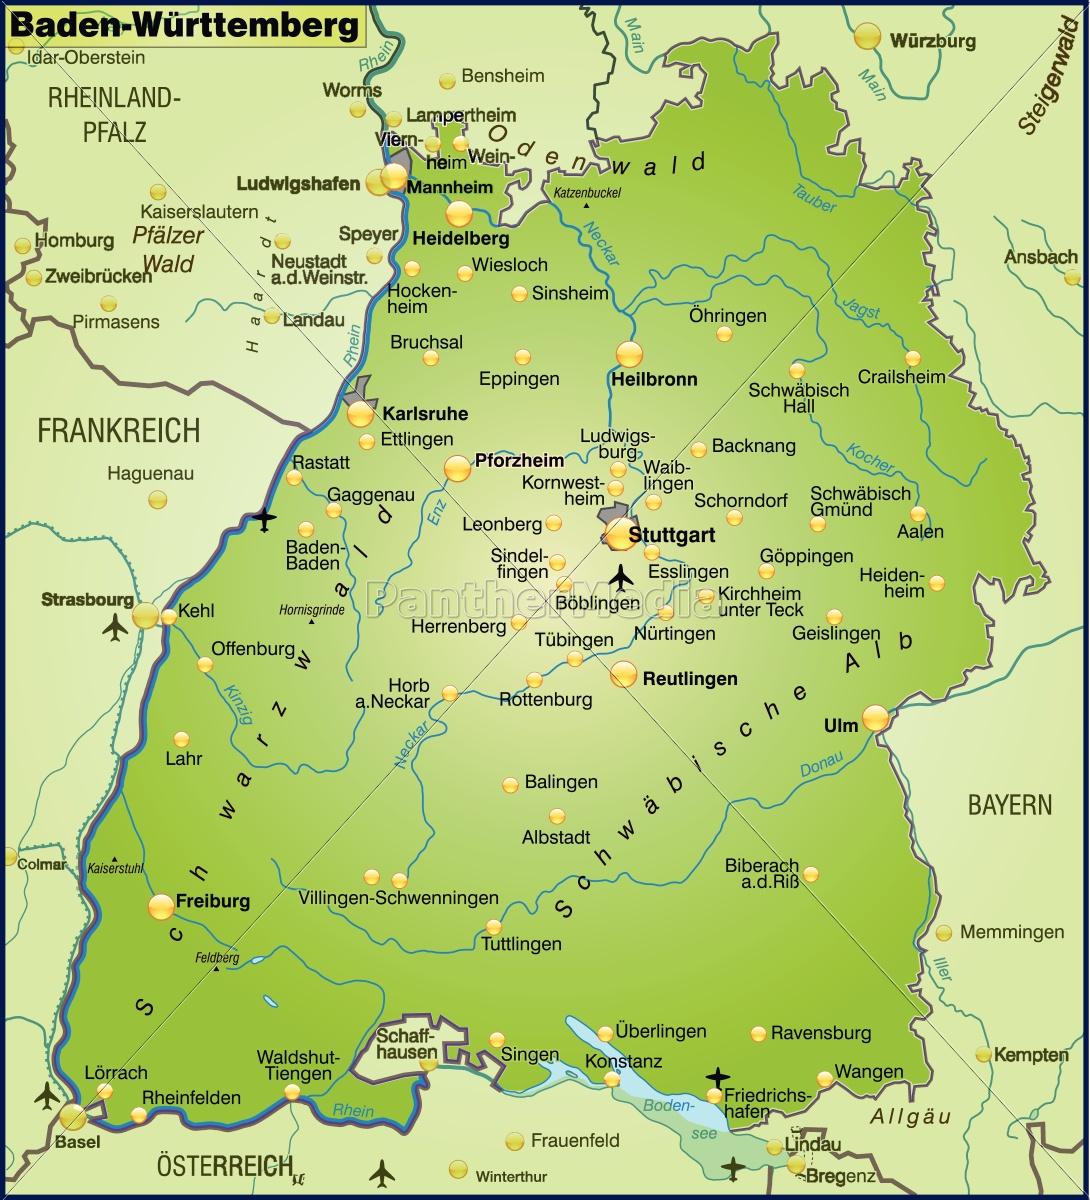 Baden Württemberg Karte.Lizenzfreie Vektorgrafik 10655381 Karte Von Baden Wuerttemberg Als übersichtskarte In Grün